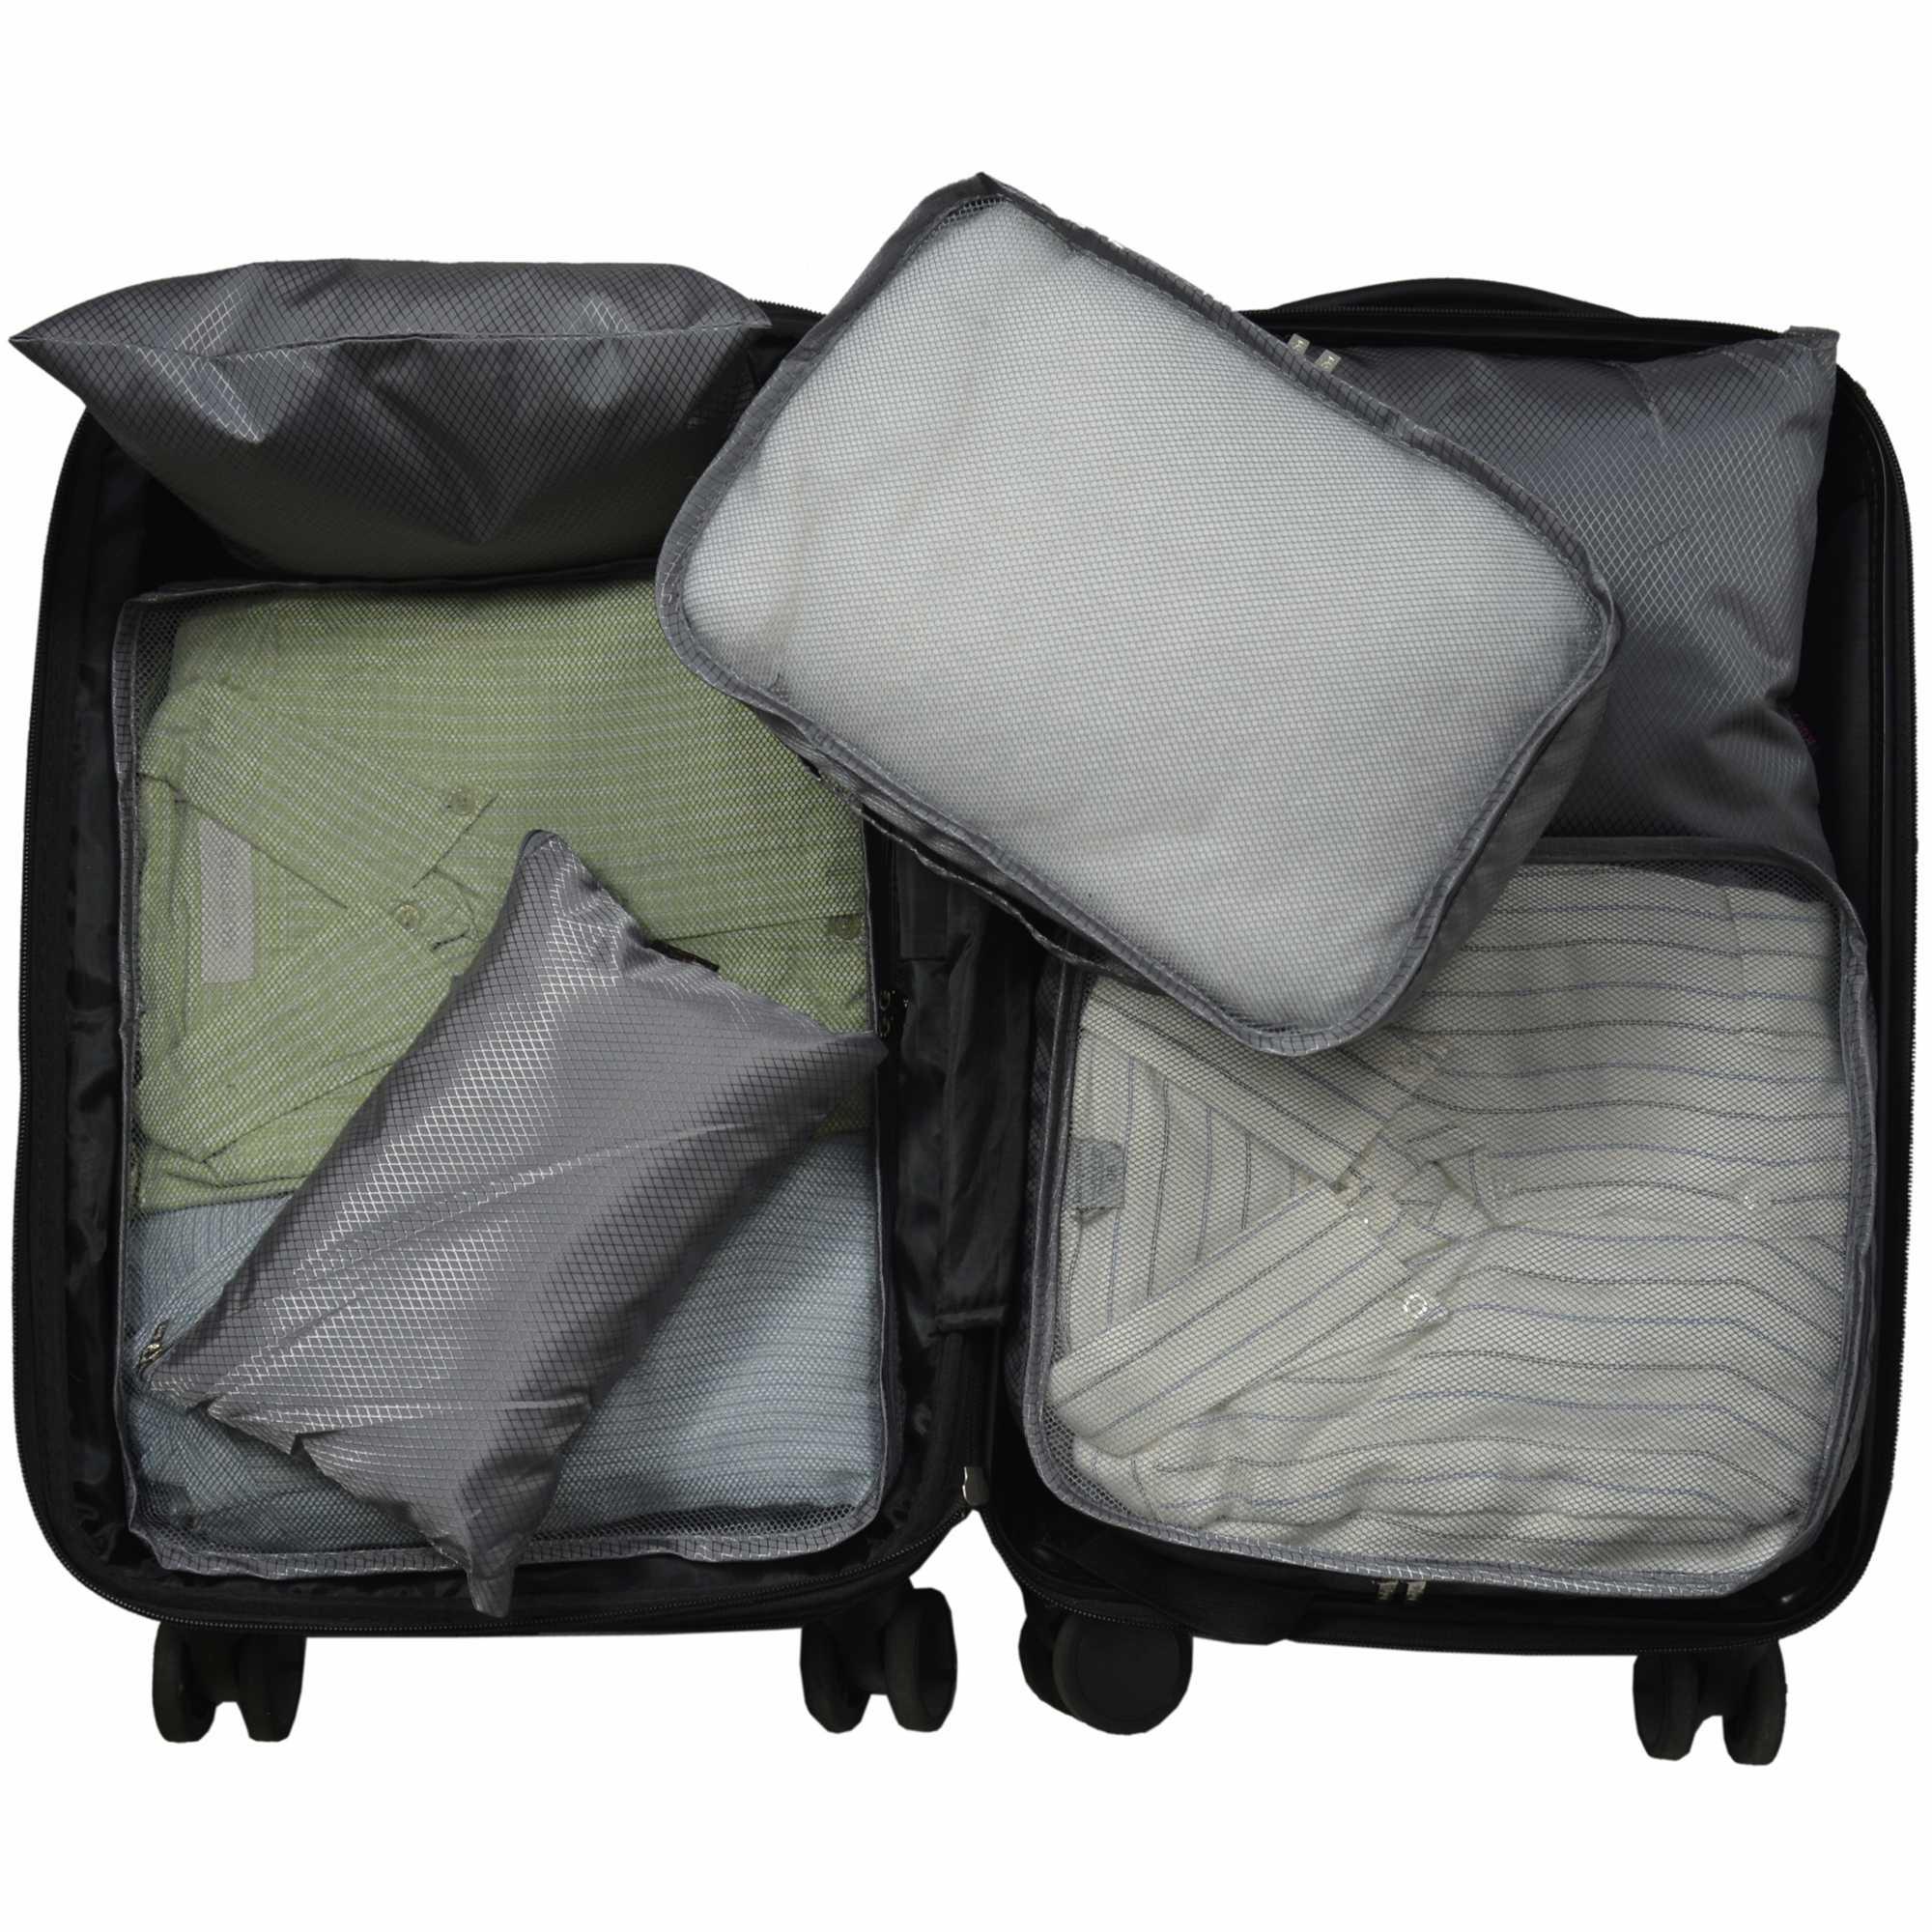 Organizador de Mala Viagem Necessaire Kit 6 Peças Cinza CBRN12749